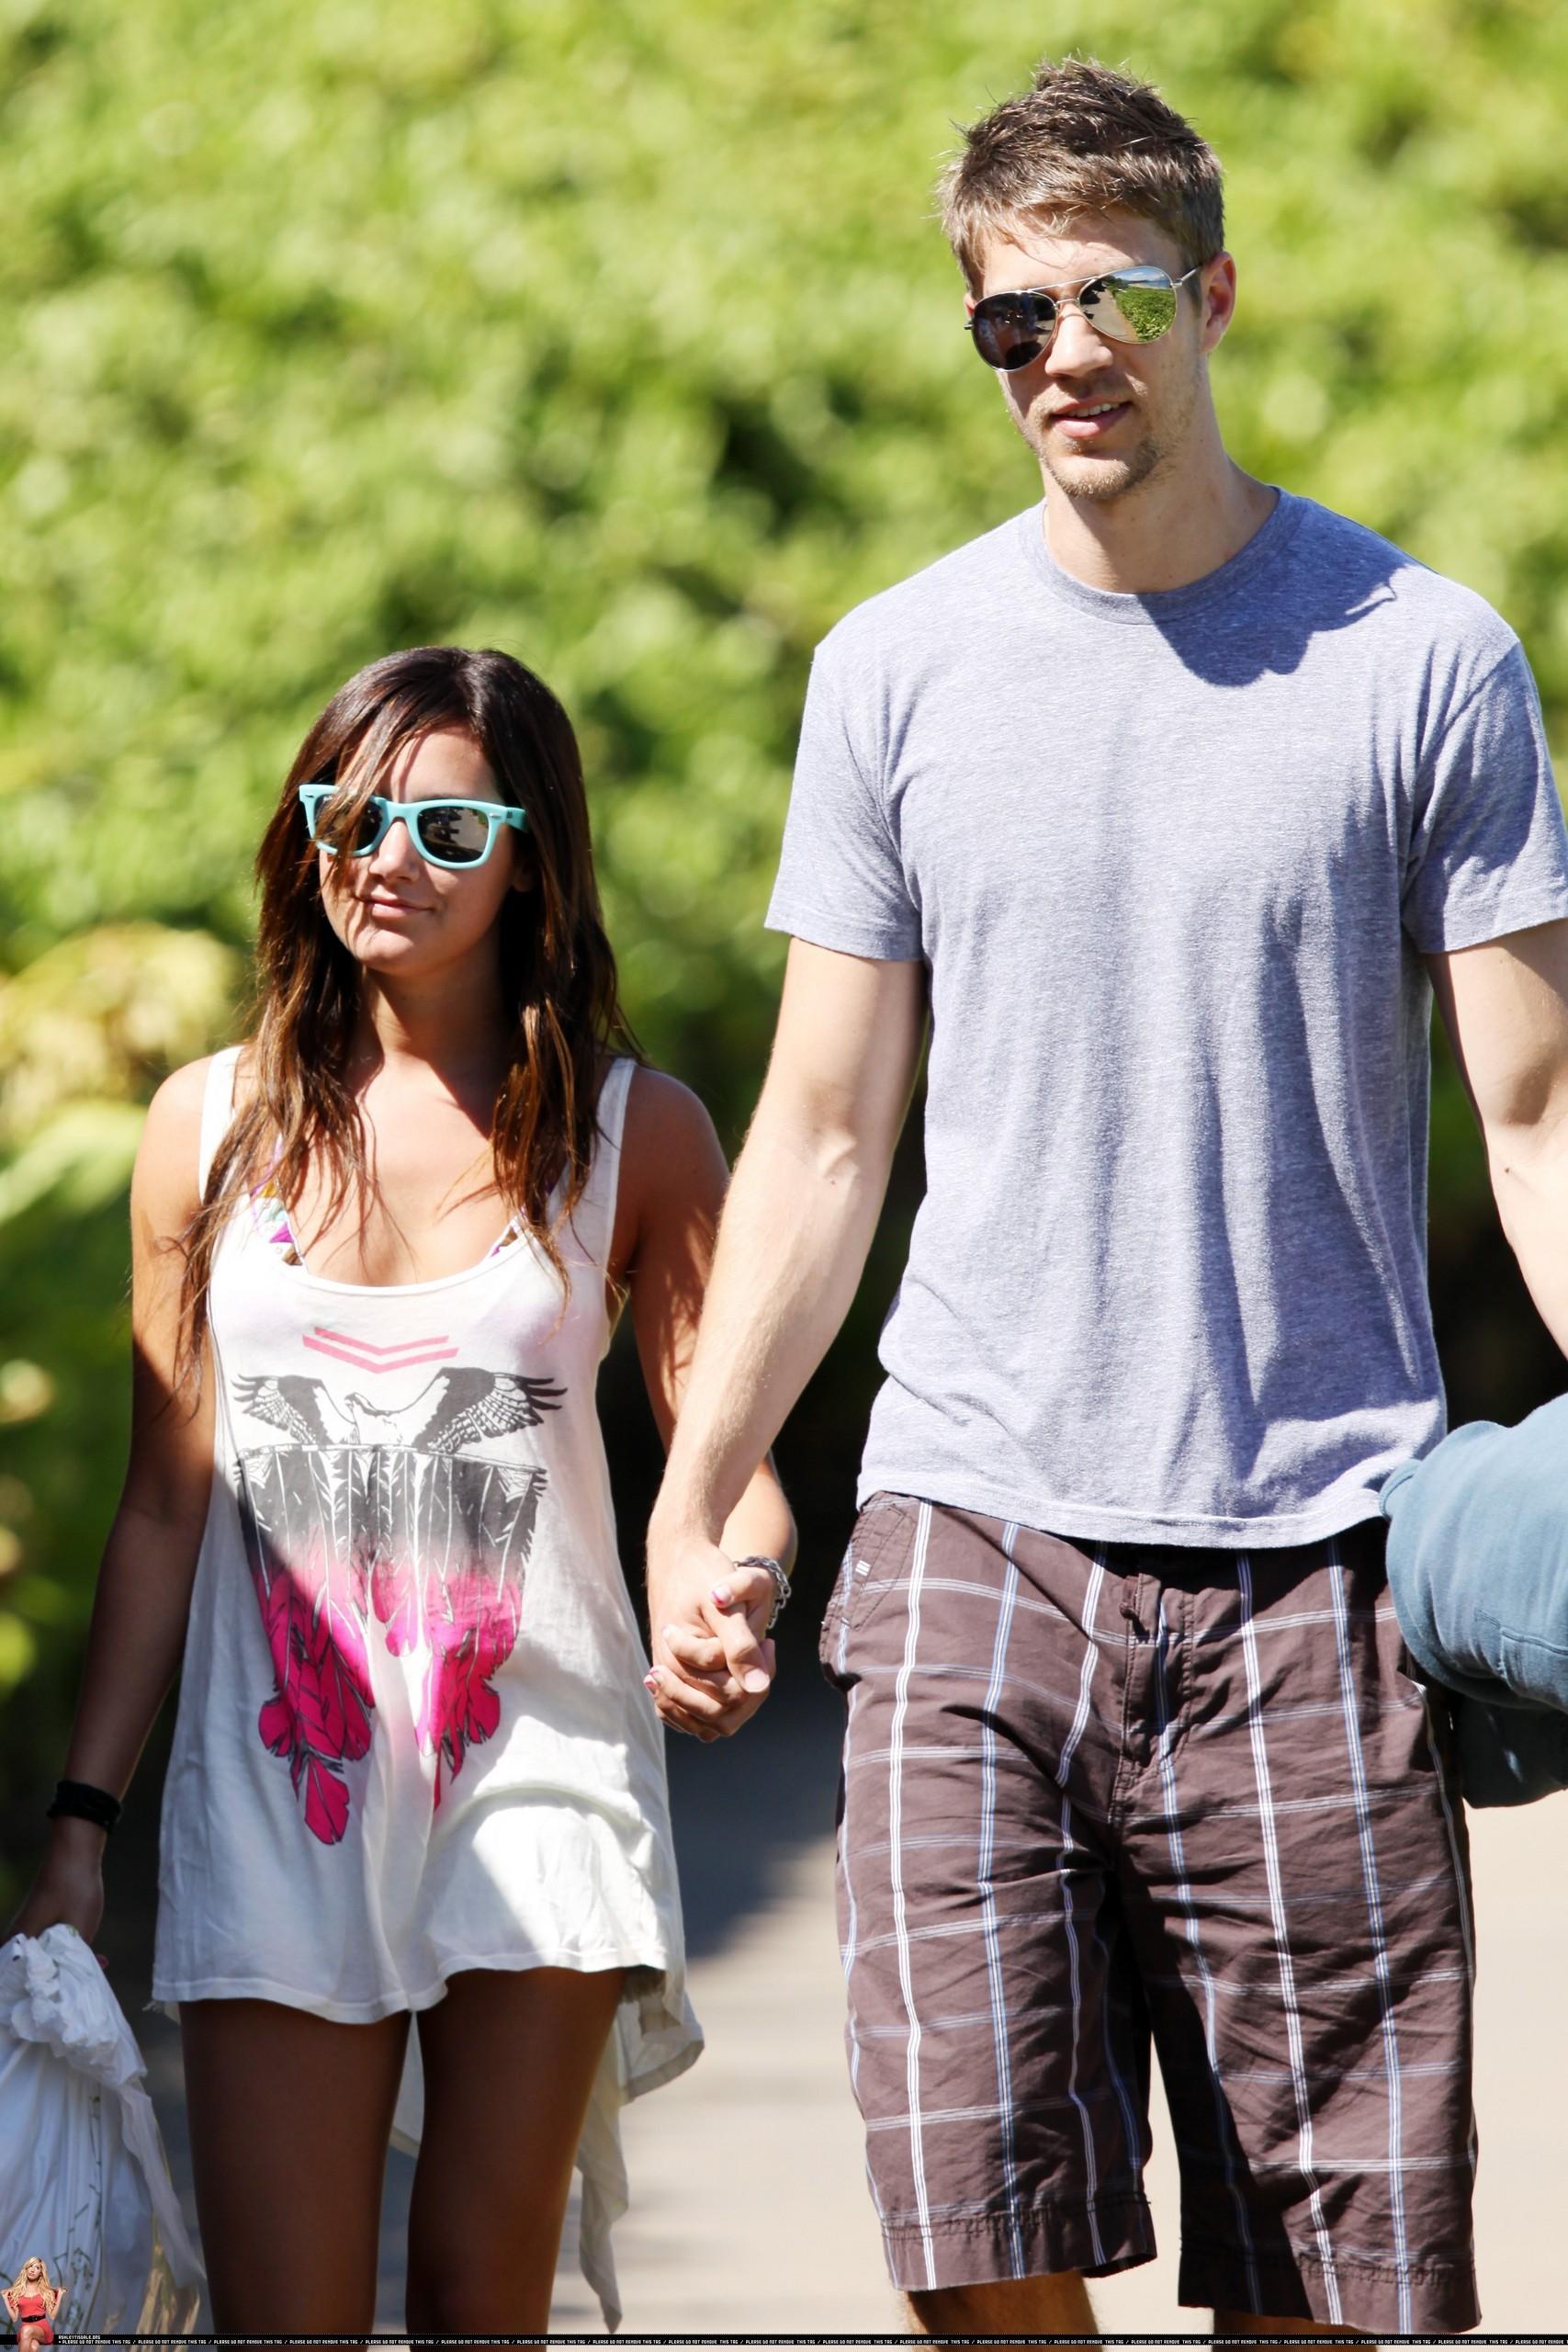 Ashley& Scott - ashley-tisdale photo